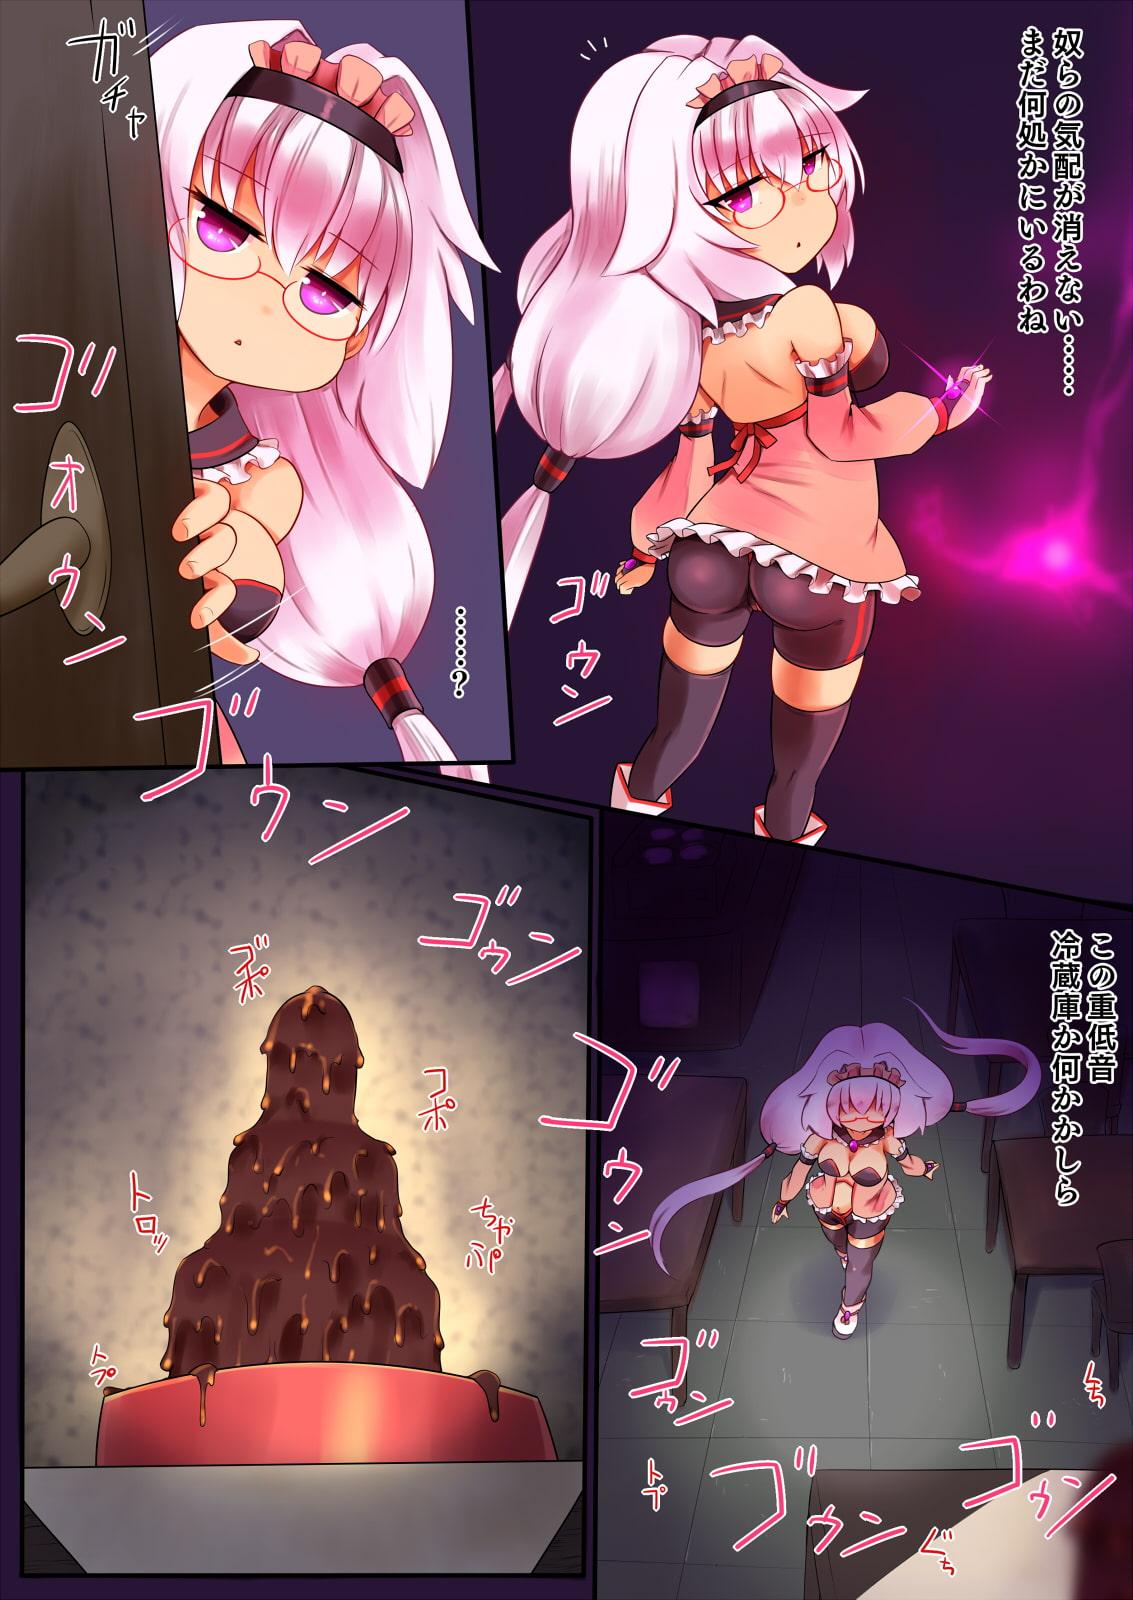 欺瞞される魔法少女のサンプル画像